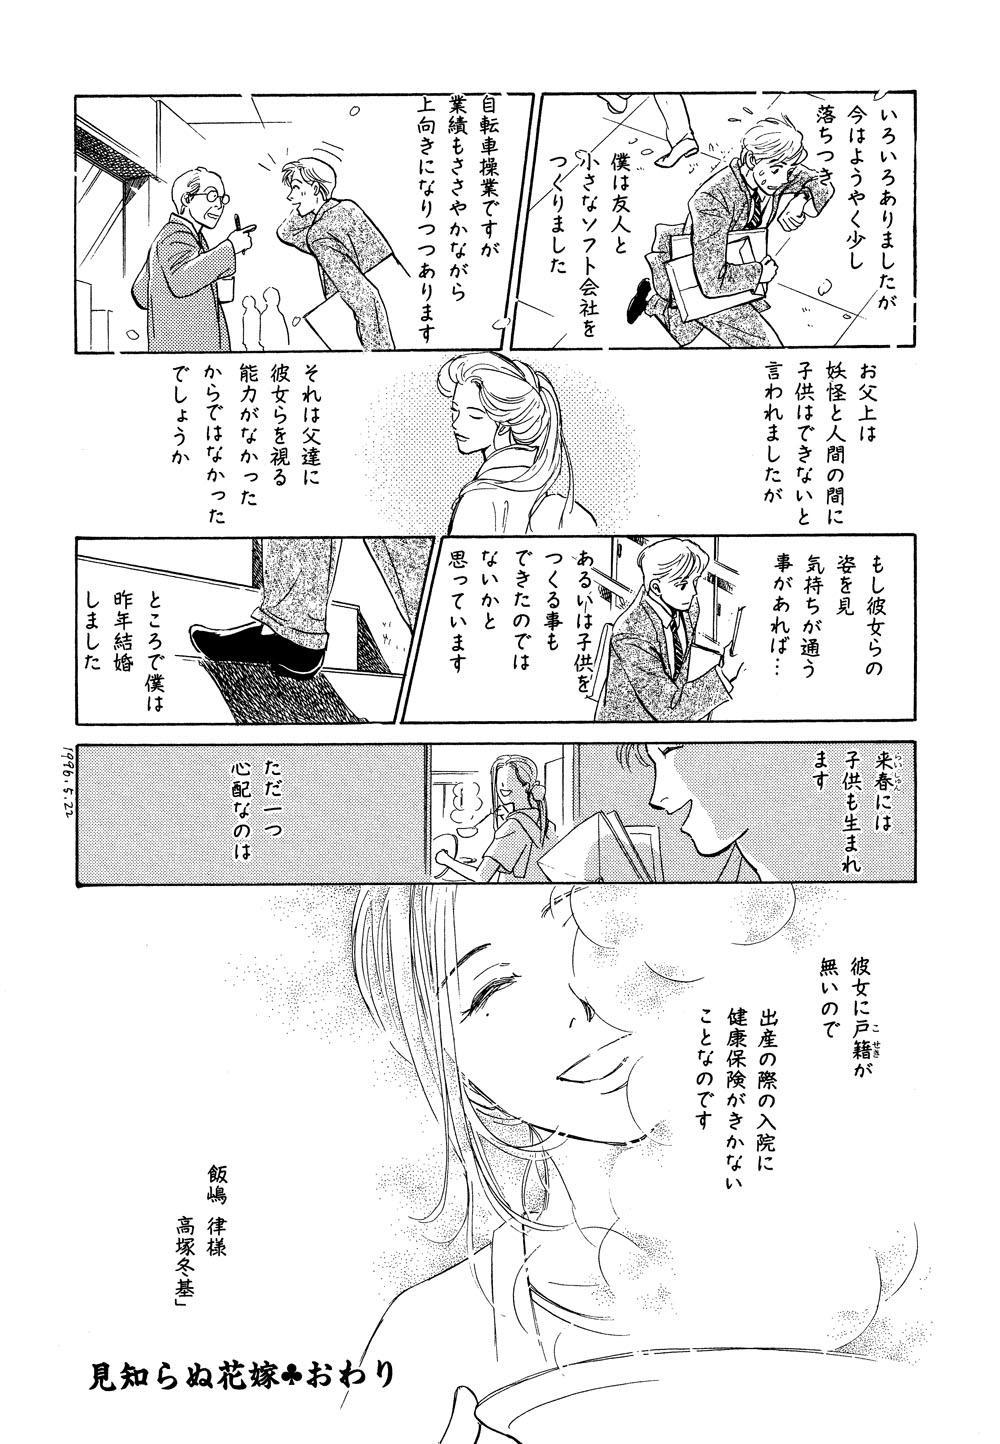 百鬼夜行抄_03_0120.jpg